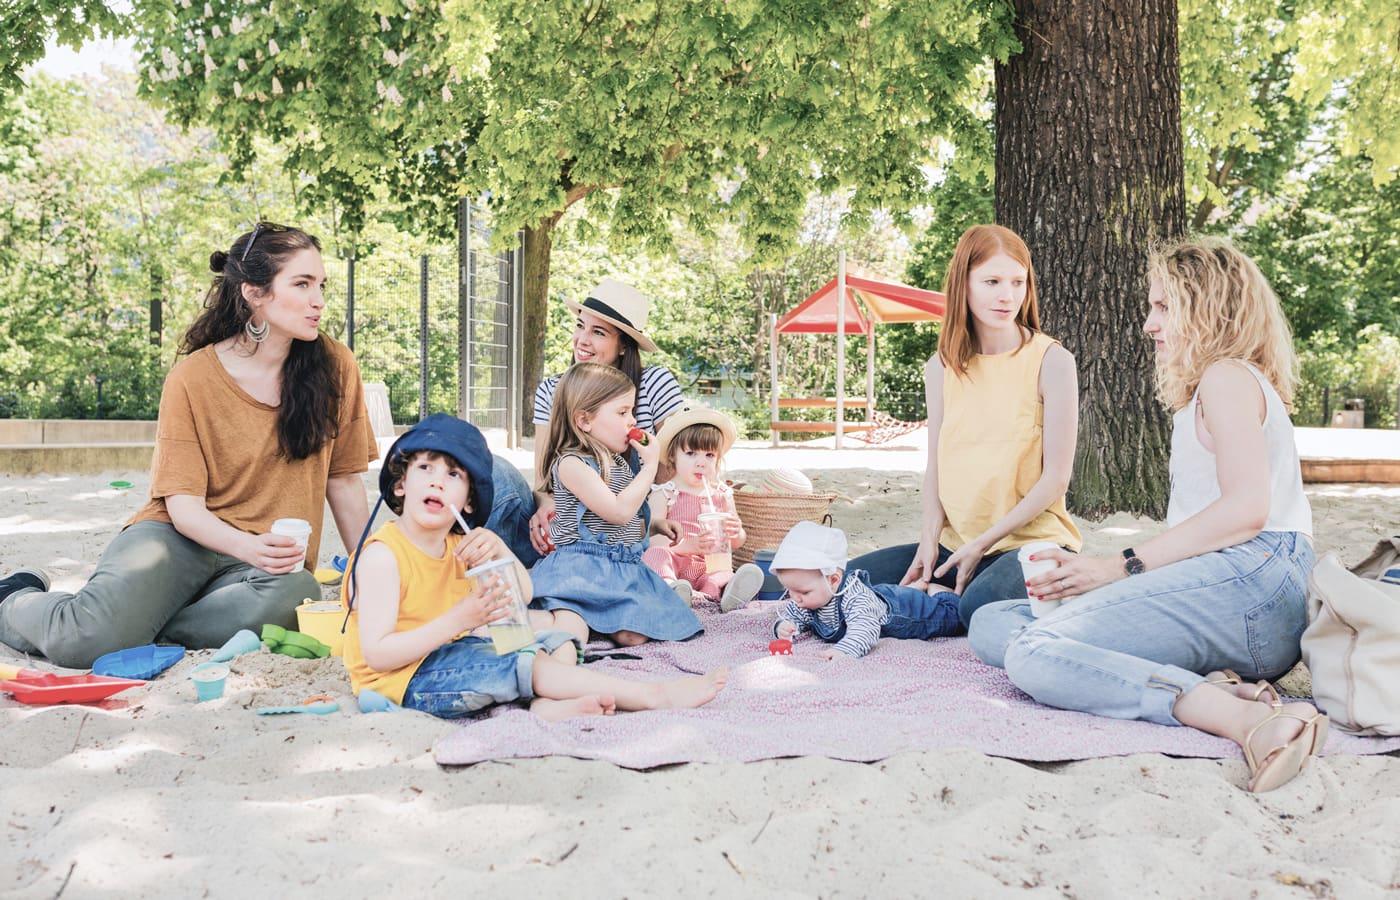 Muetter mit Kindern auf Spielplatz // HIMBEER